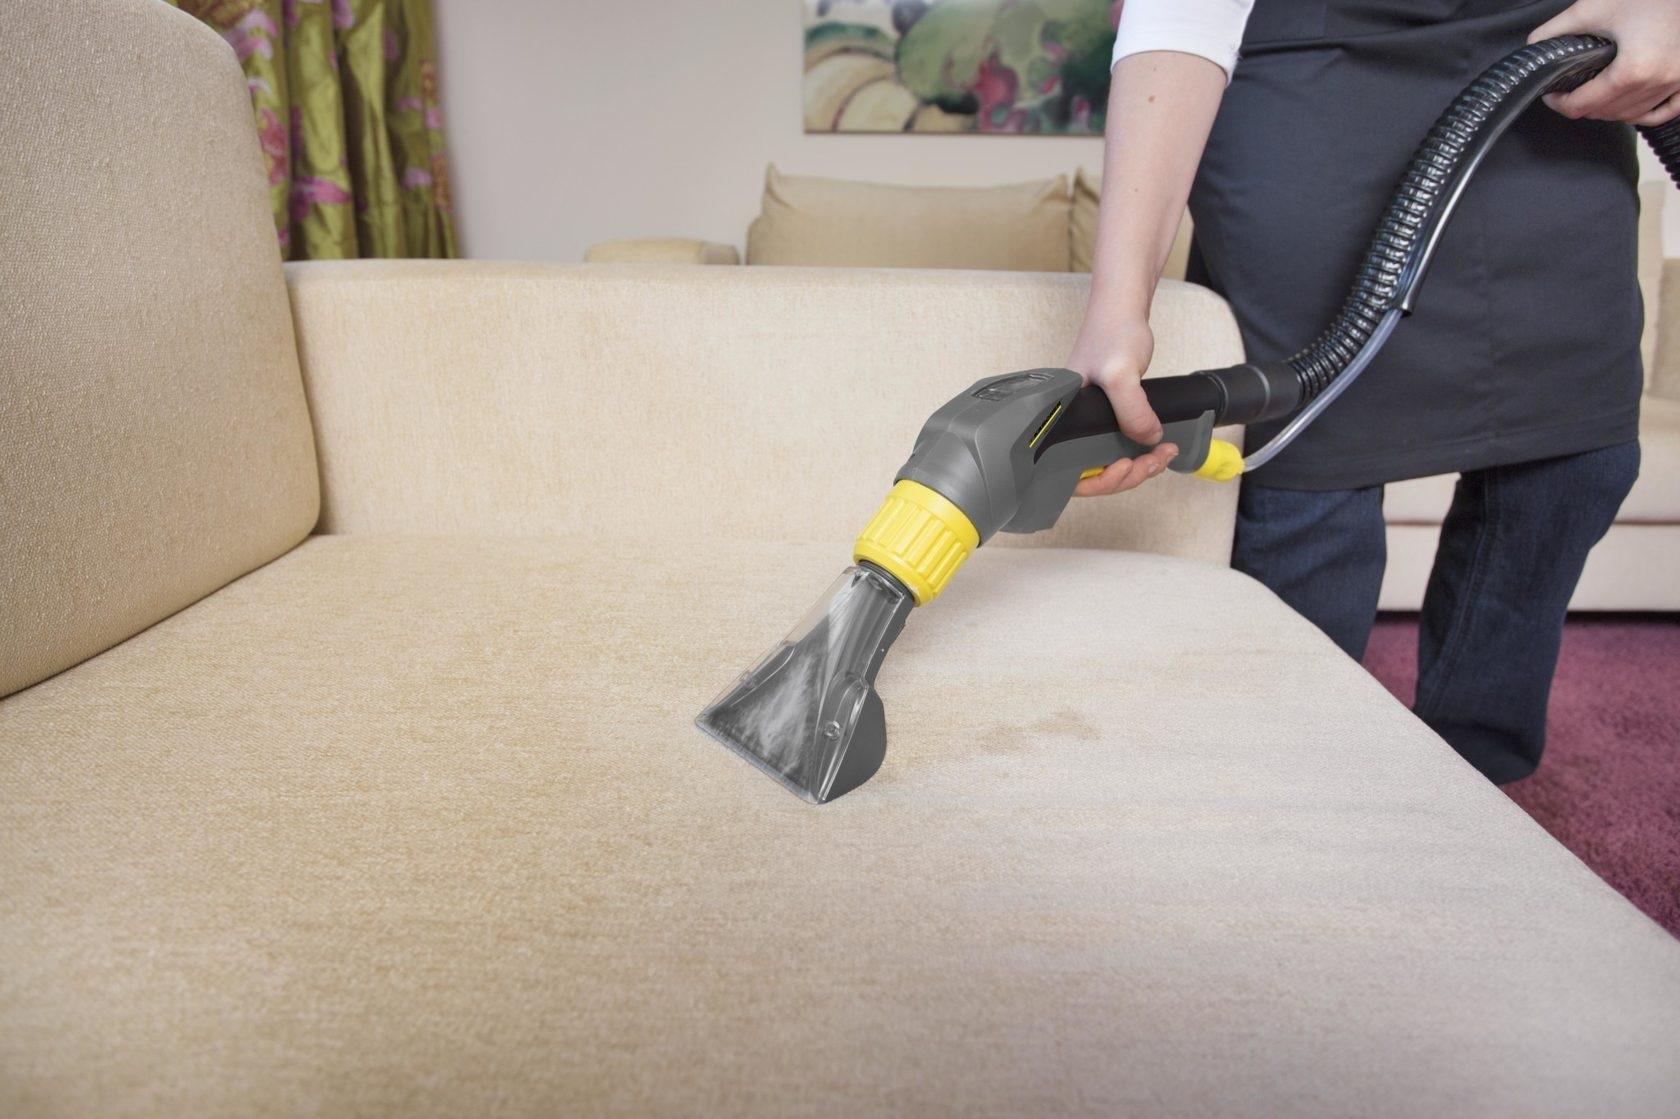 как почистить диван с помощью пылесоса